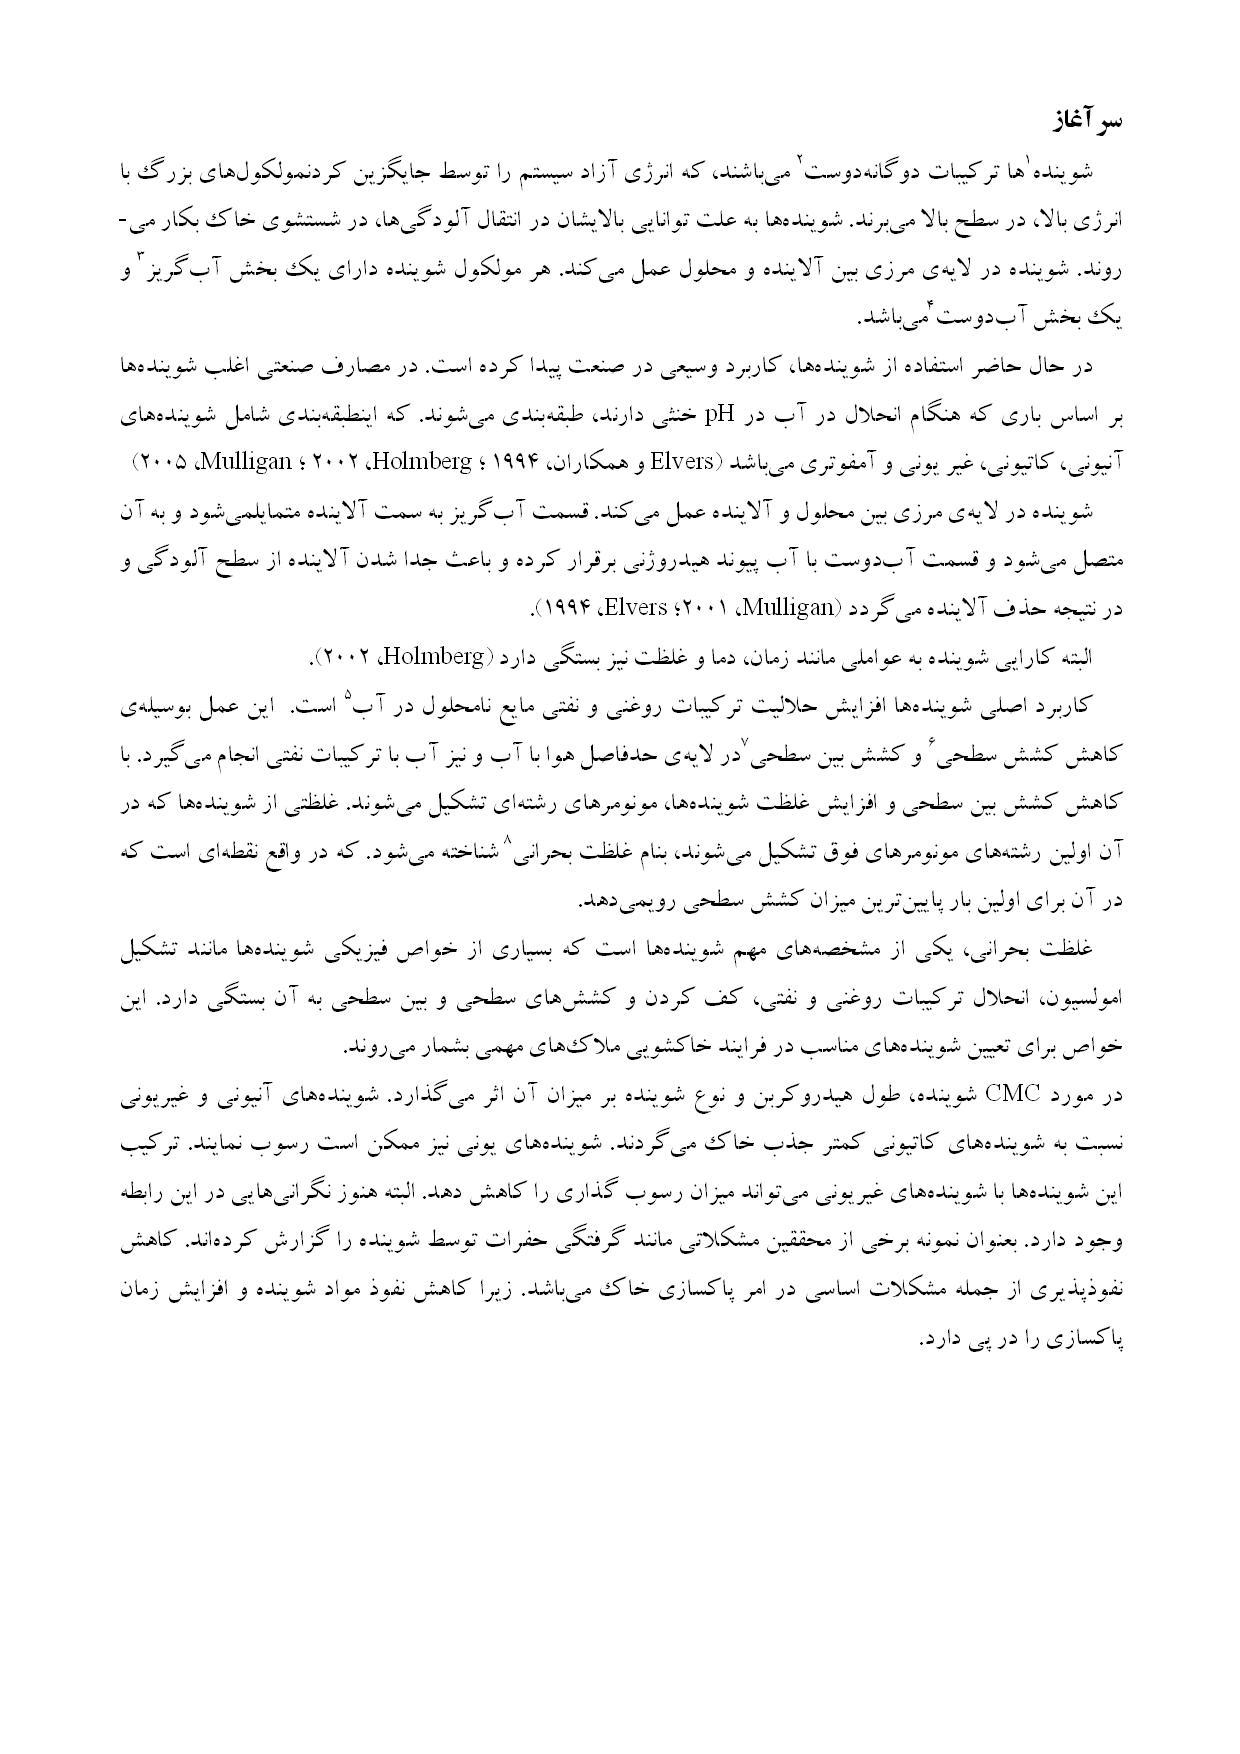 ترجمه مقاله و تحقیق - شوينده¬ها